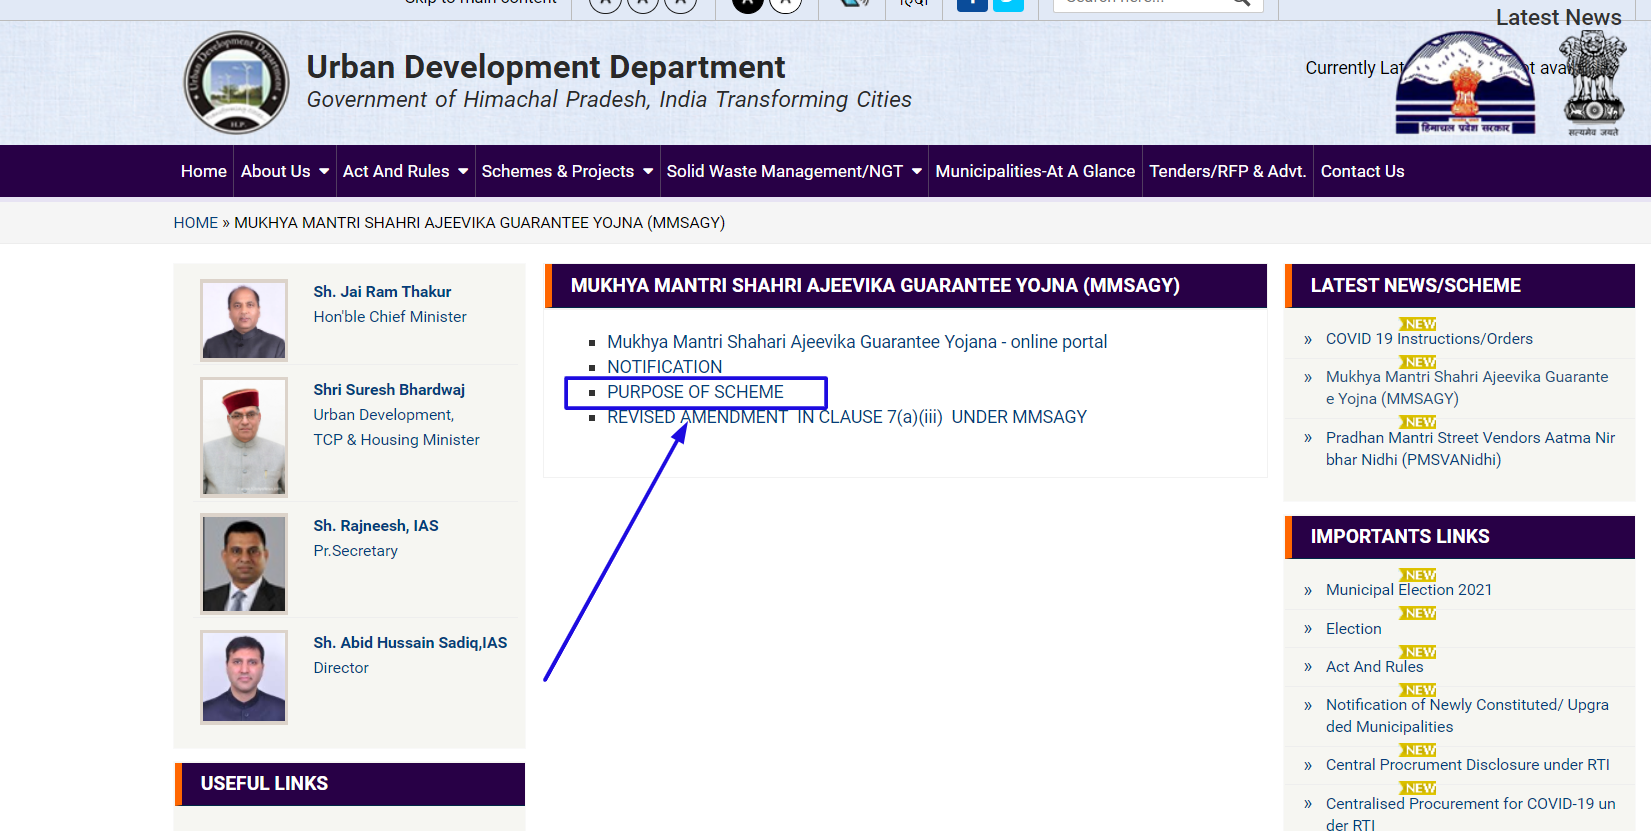 ऑफलाइन-प्रोसेस-एप्लीकेशन-फॉर्म-हिमाचल-प्रदेश-सीएम-शहरी-आजीविका-योजना